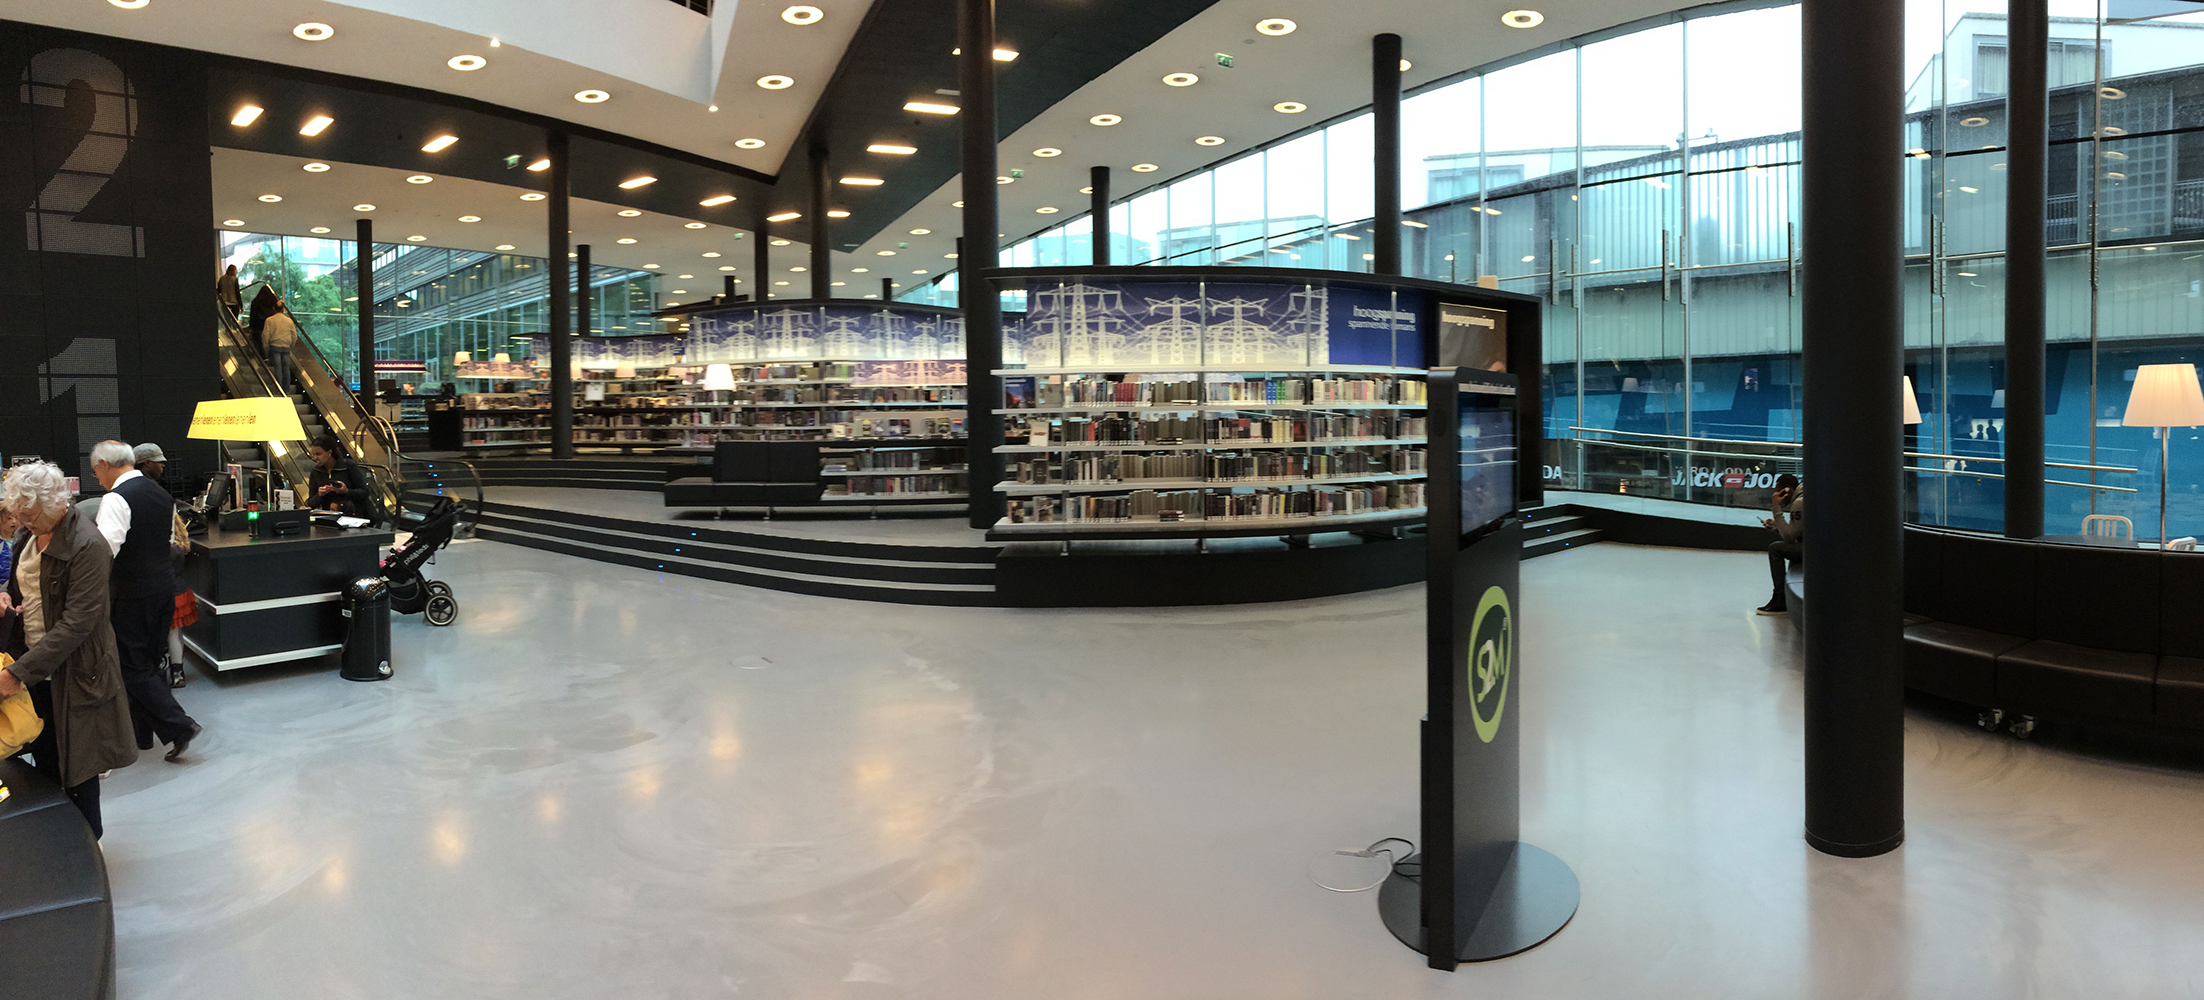 """Beim Blick in die """"Nieuwe Bibliotheek"""" von Alemere könnte man meinen, in der Mayerschen Buchhandlung oder bei Thalia gelandet zu sein..."""